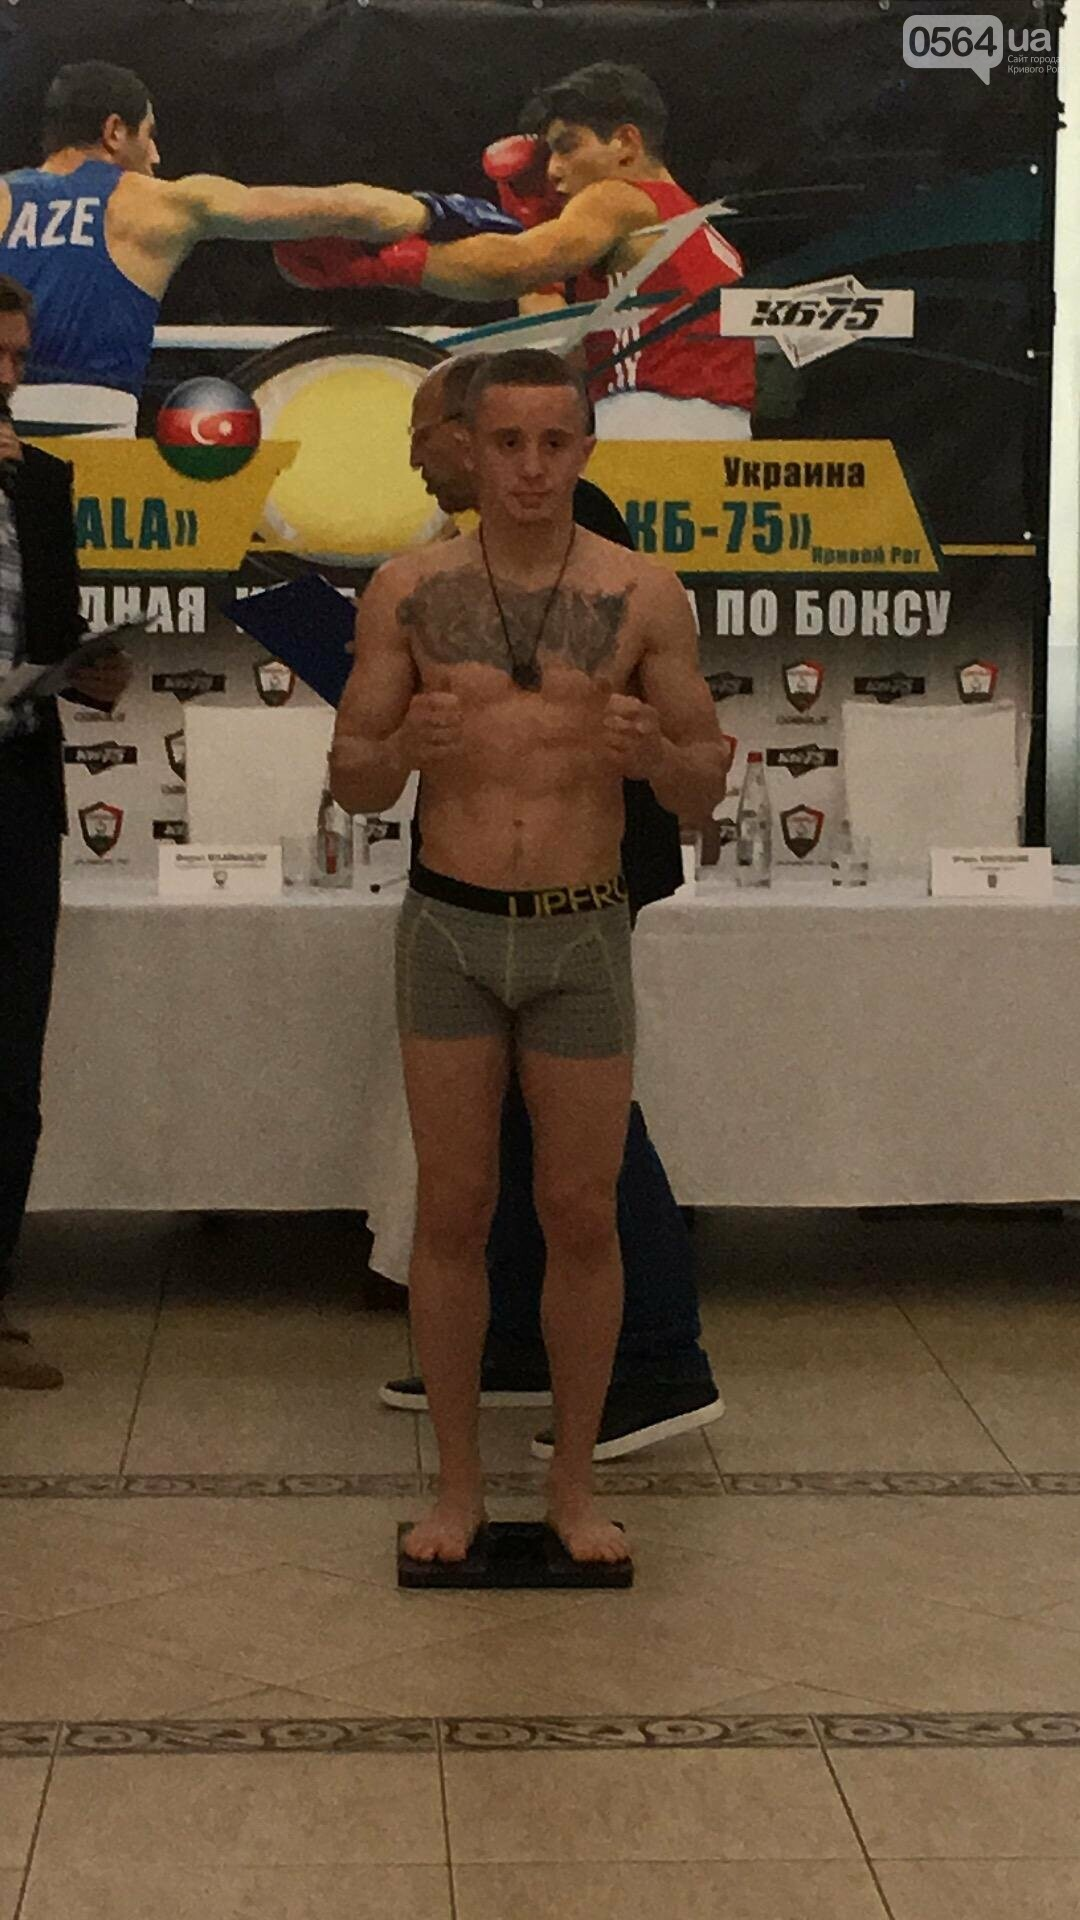 Перед вечером грандиозного бокса в Кривом Роге спортсмены показали отличную физическую форму (ФОТО, ВИДЕО), фото-24